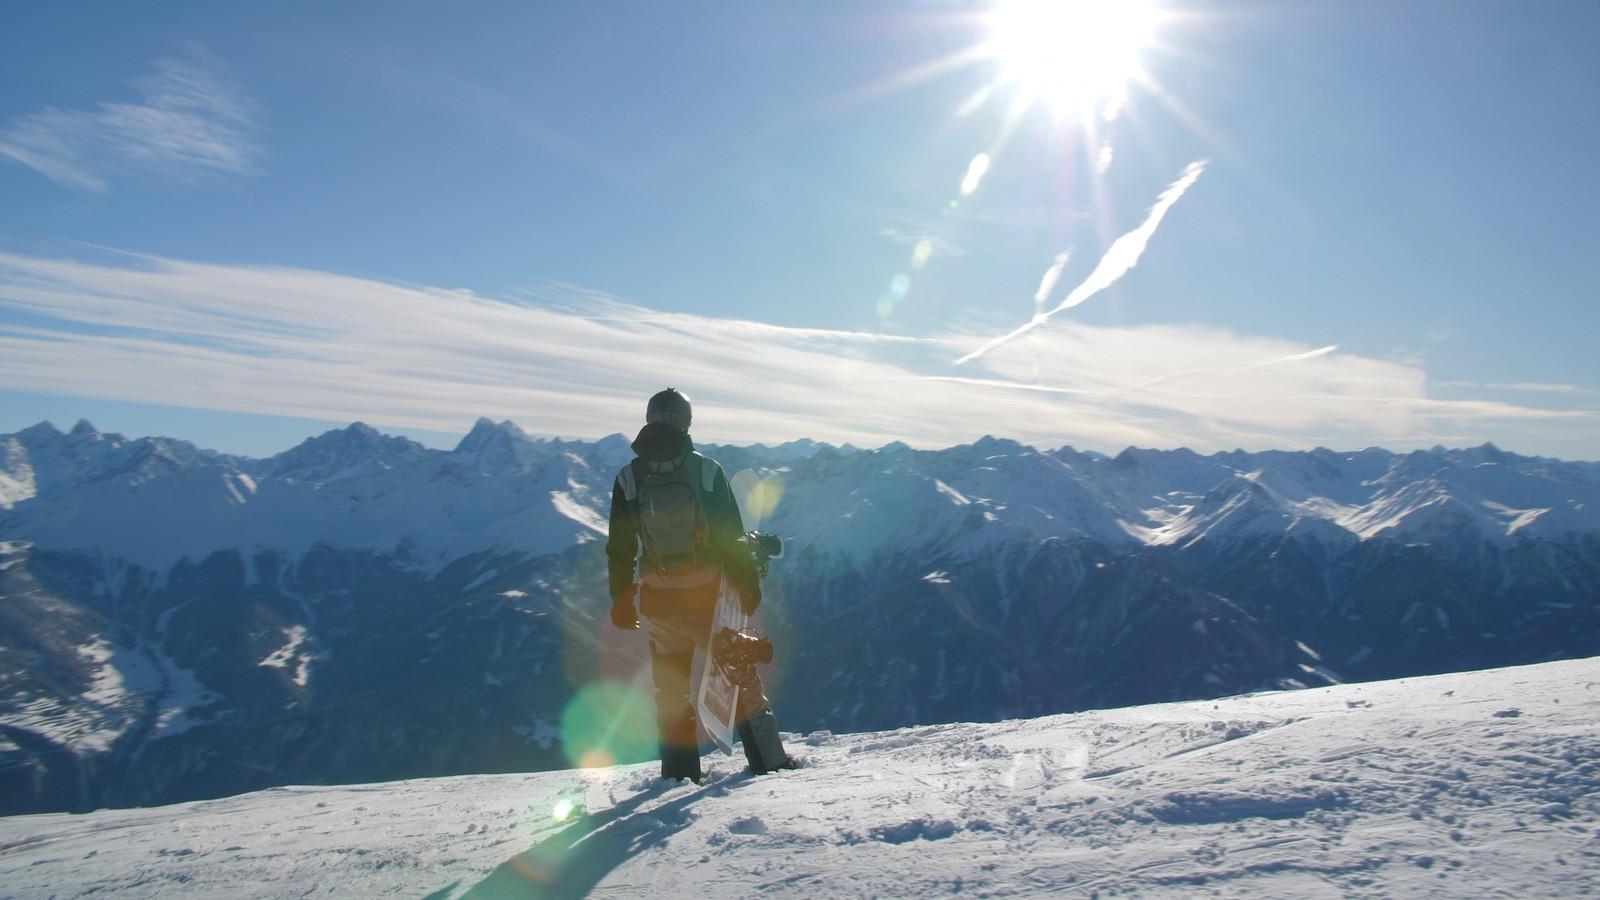 Stills uit de eerste beelden voor de film 'Als skiën dansen wordt' van Carel van Goch uit Deurne